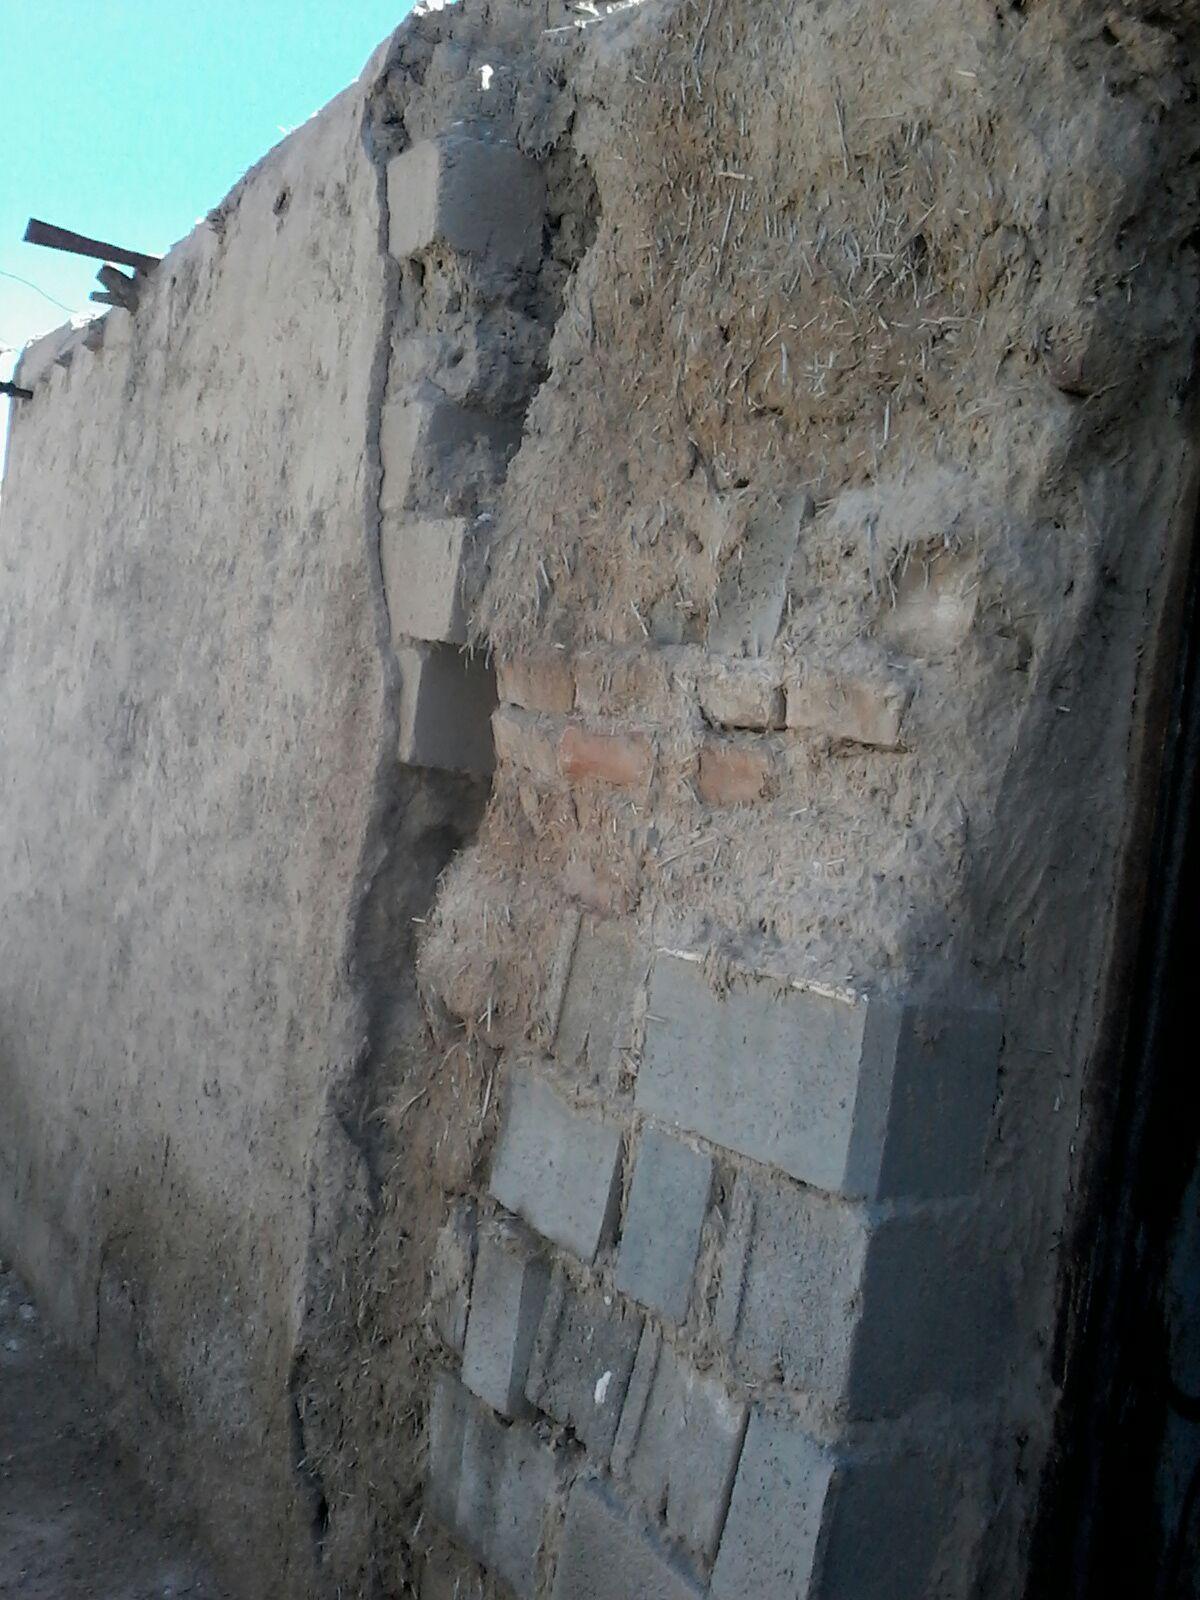 زلزله  ۵/۴ ریشتری دوبرجی را لرزاند/ عده ای از مردم بدلیل نا امن بودن منازل تا صبح بیدار مانند